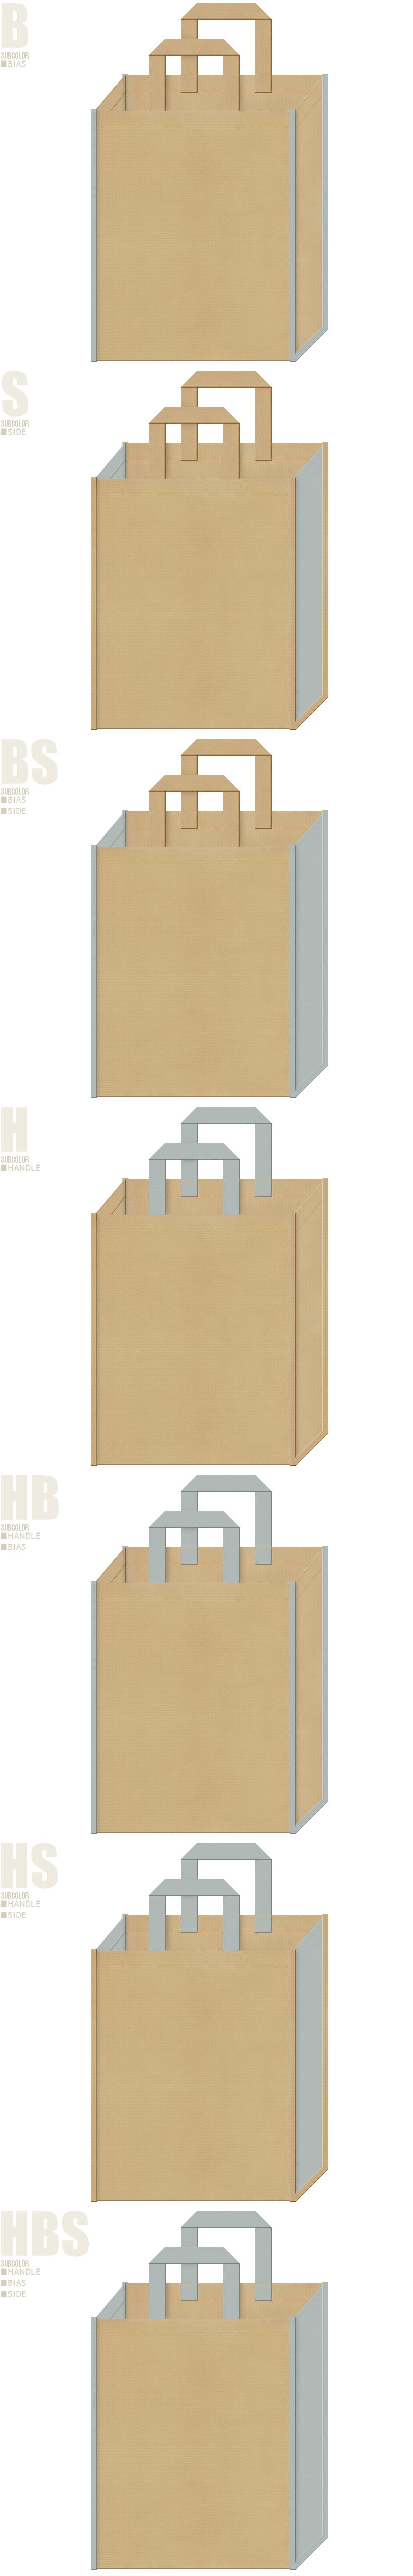 AW・アウター・セーター・Tシャツ・秋冬ファッションにお奨めの不織布バッグのデザイン:カーキ色とグレー色の配色7パターン